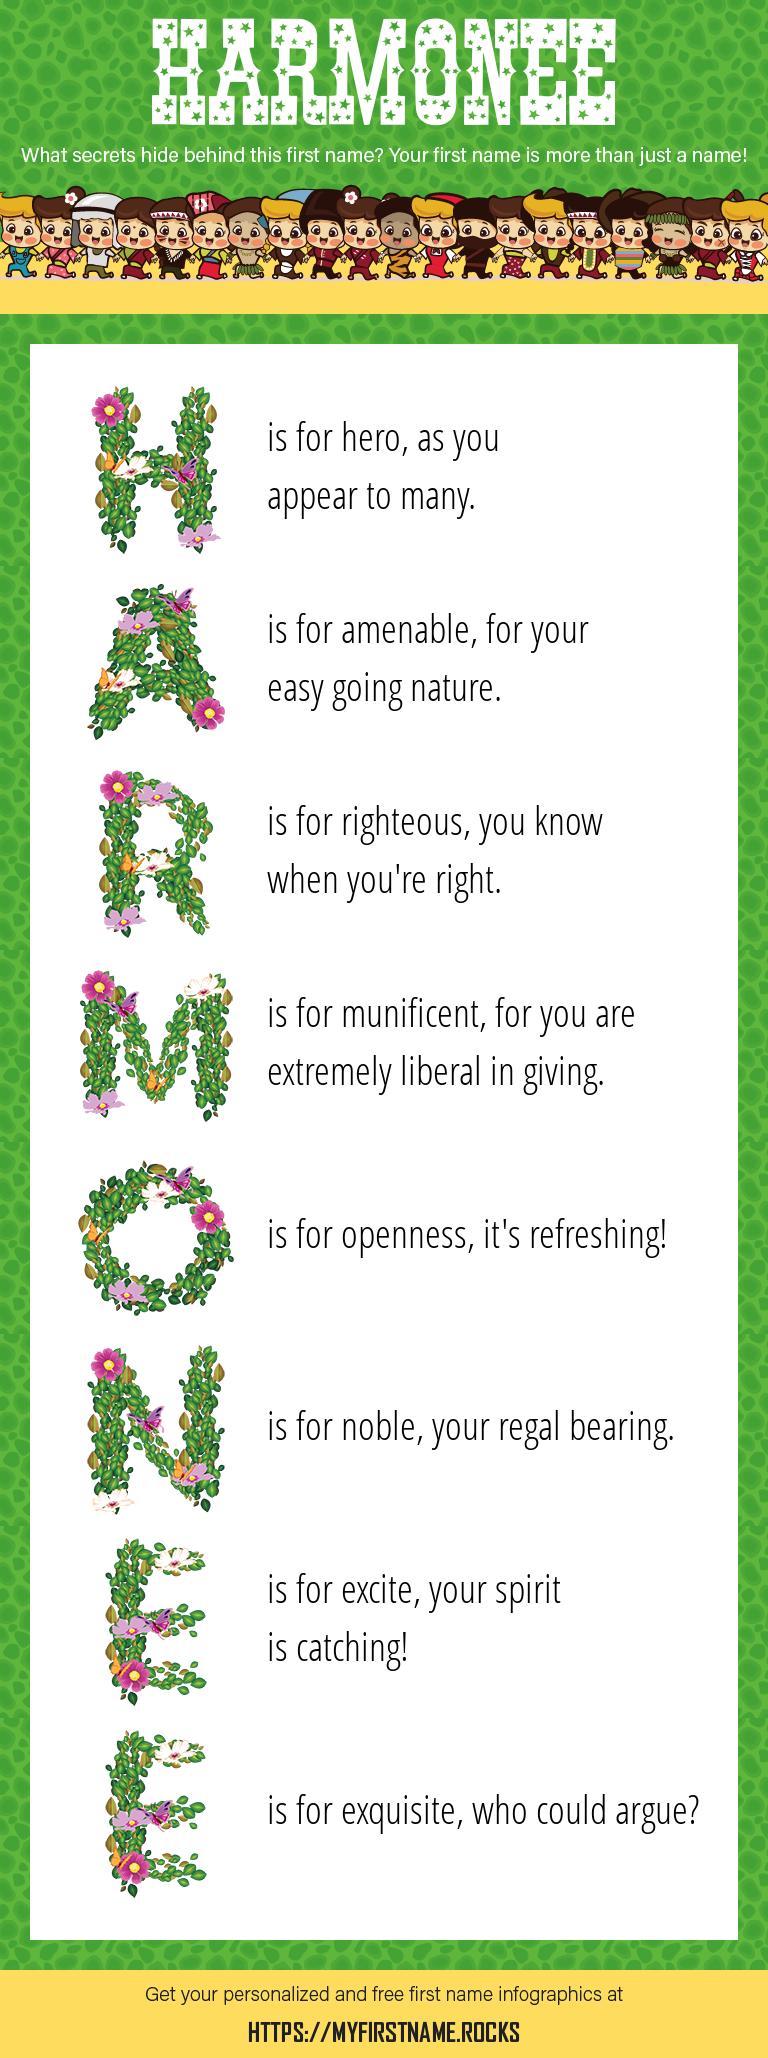 Harmonee Infographics